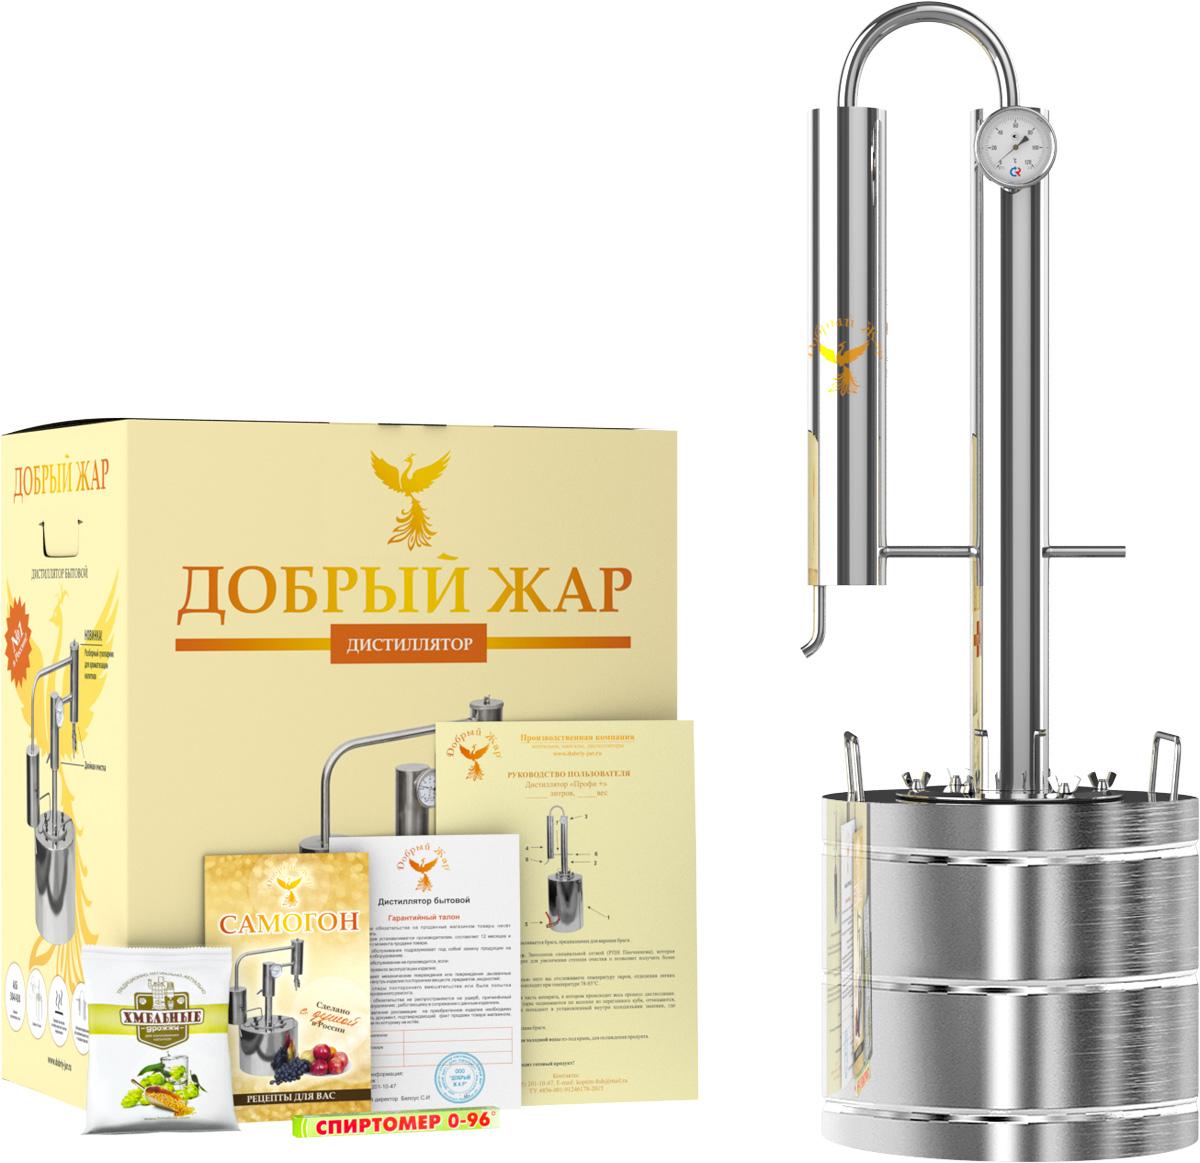 Дистиллятор проточный Профи Плюс 12 литров. дистиллятор проточный добрый жар профи плюс 40 литров